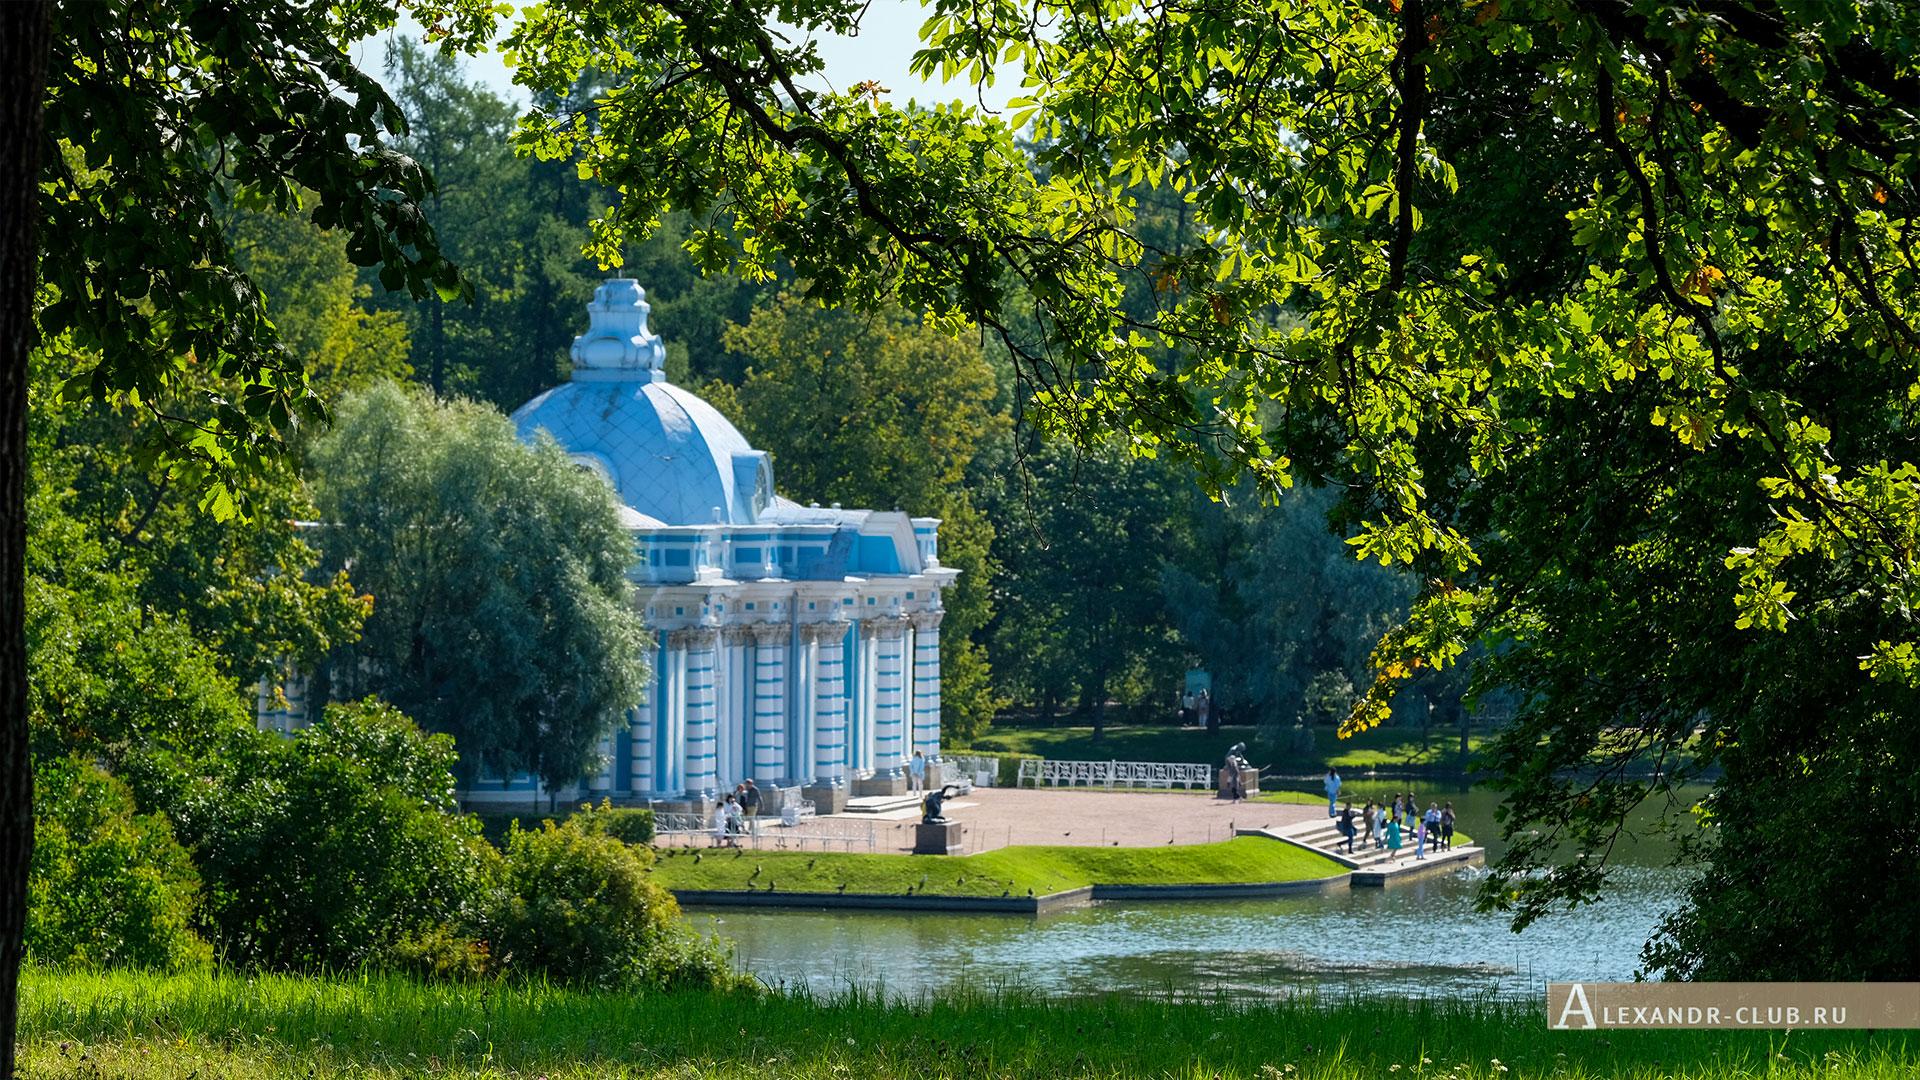 Царское Село, лето, Екатерининский парк, павильон «Грот»